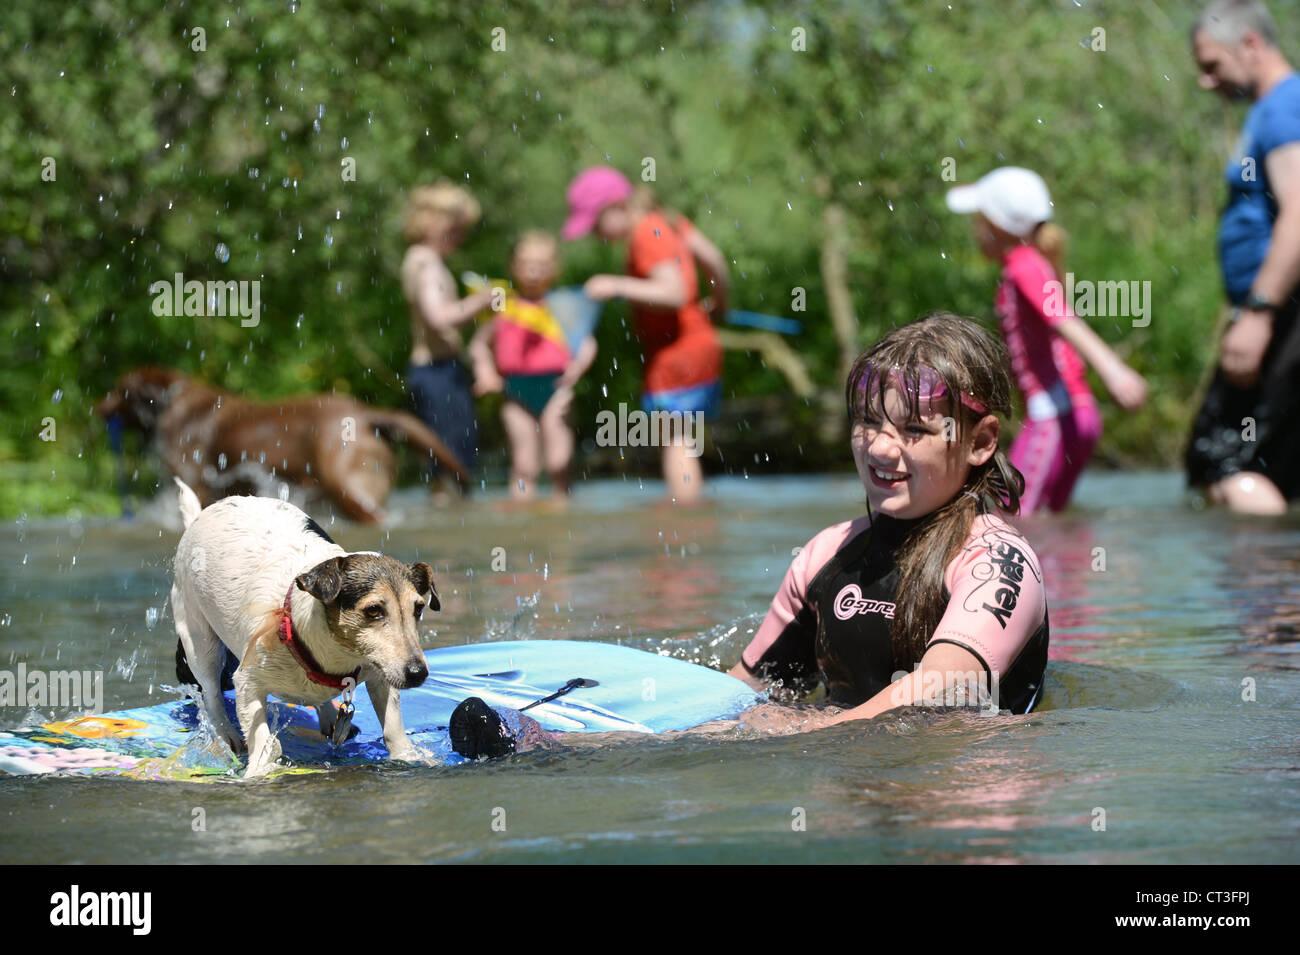 Ein Mädchen spielen mit ihrem Hund in den Fluss Avon im Figheldean Mühlenteich, Wiltshire UK Stockfoto